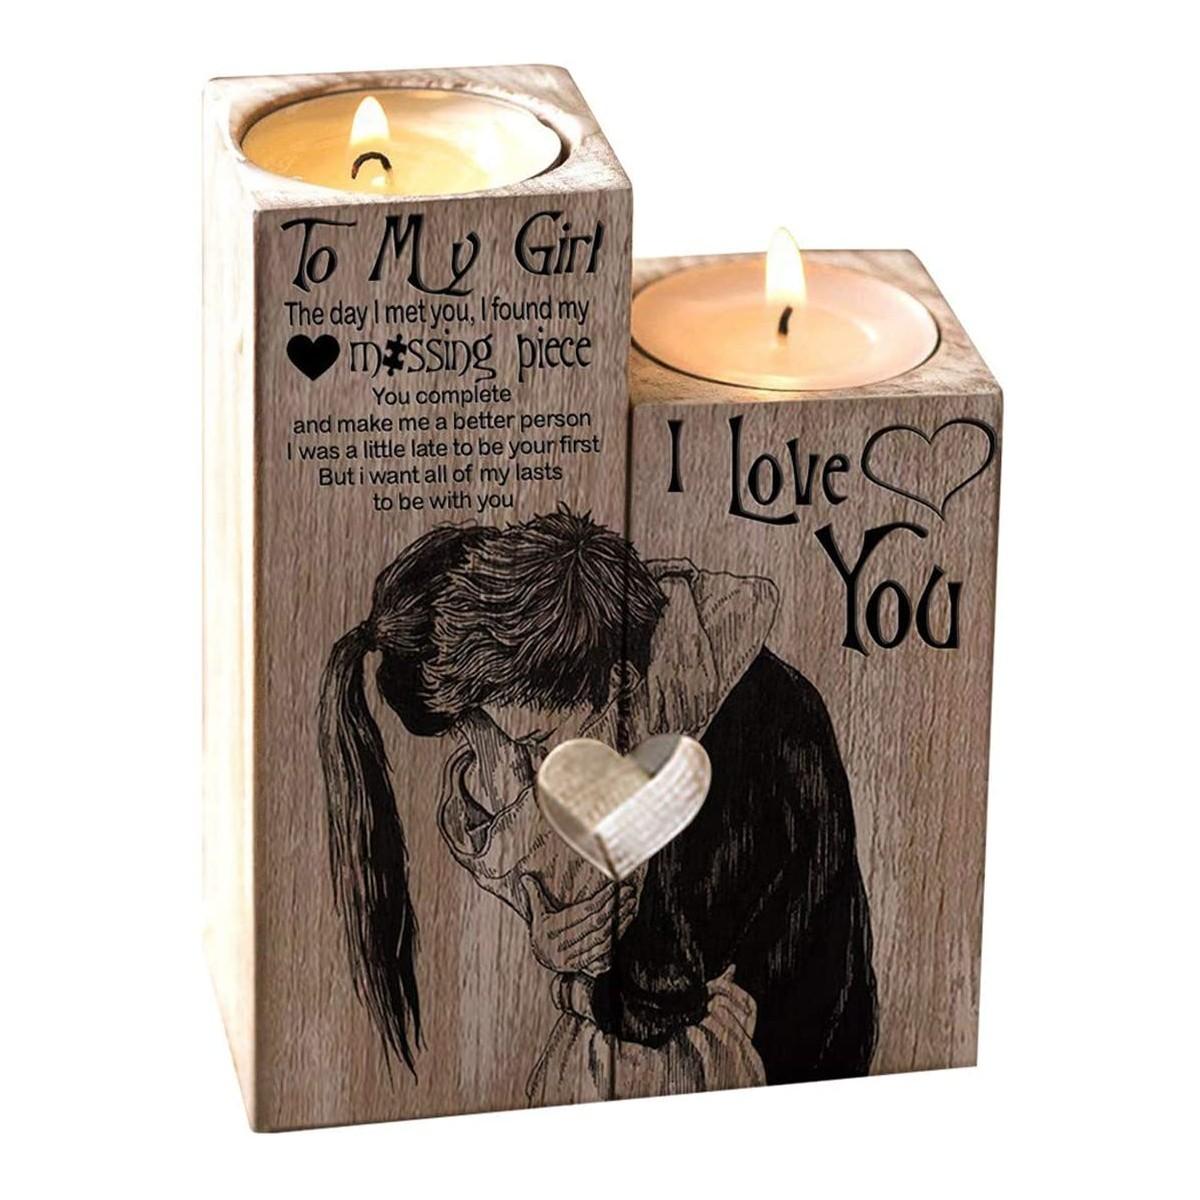 Portacandele in legno San Valentino, idea regalo romantico